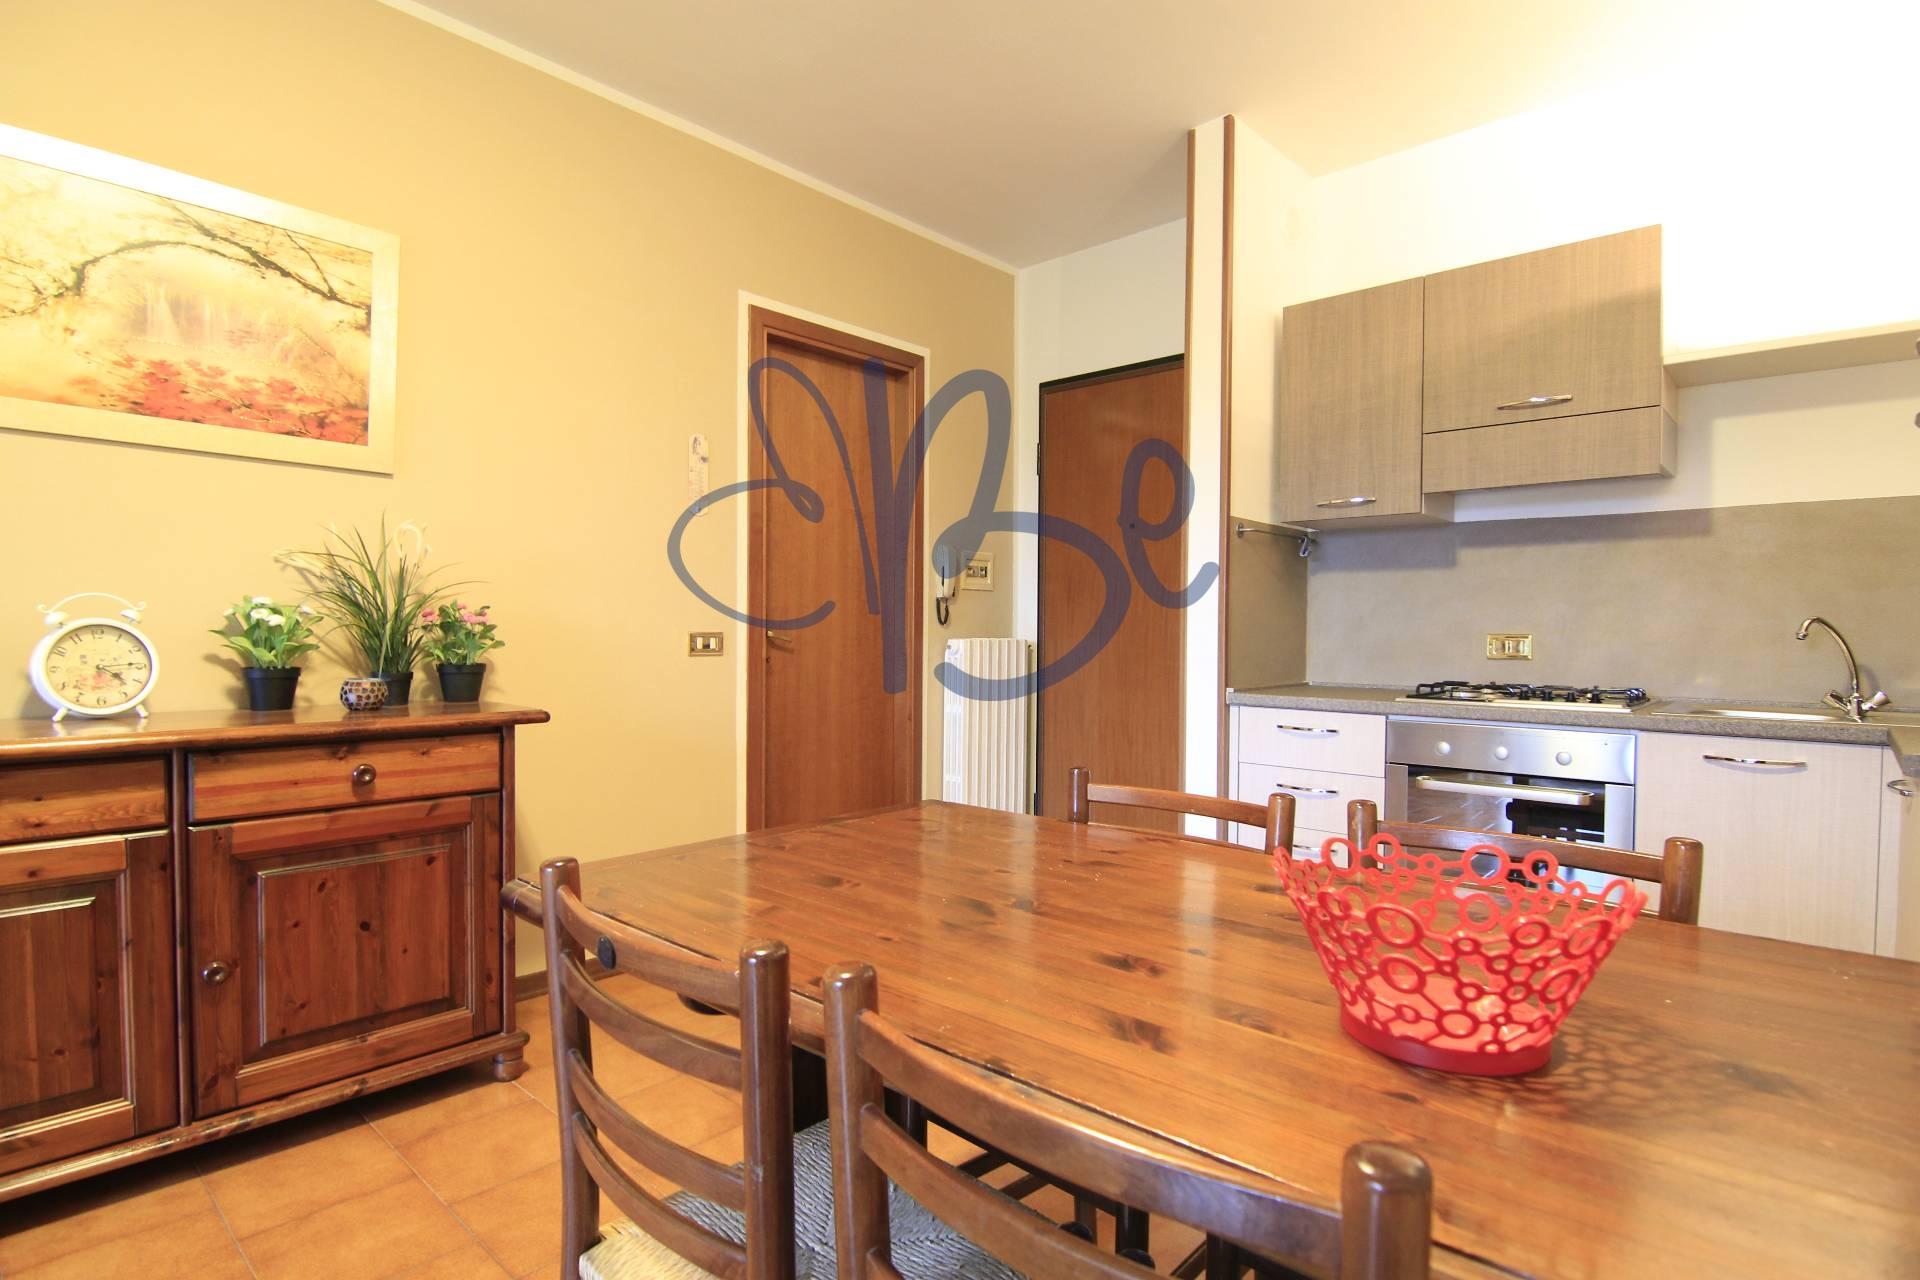 Appartamento in affitto a San Felice del Benaco, 2 locali, zona Zona: Portese, Trattative riservate | Cambio Casa.it